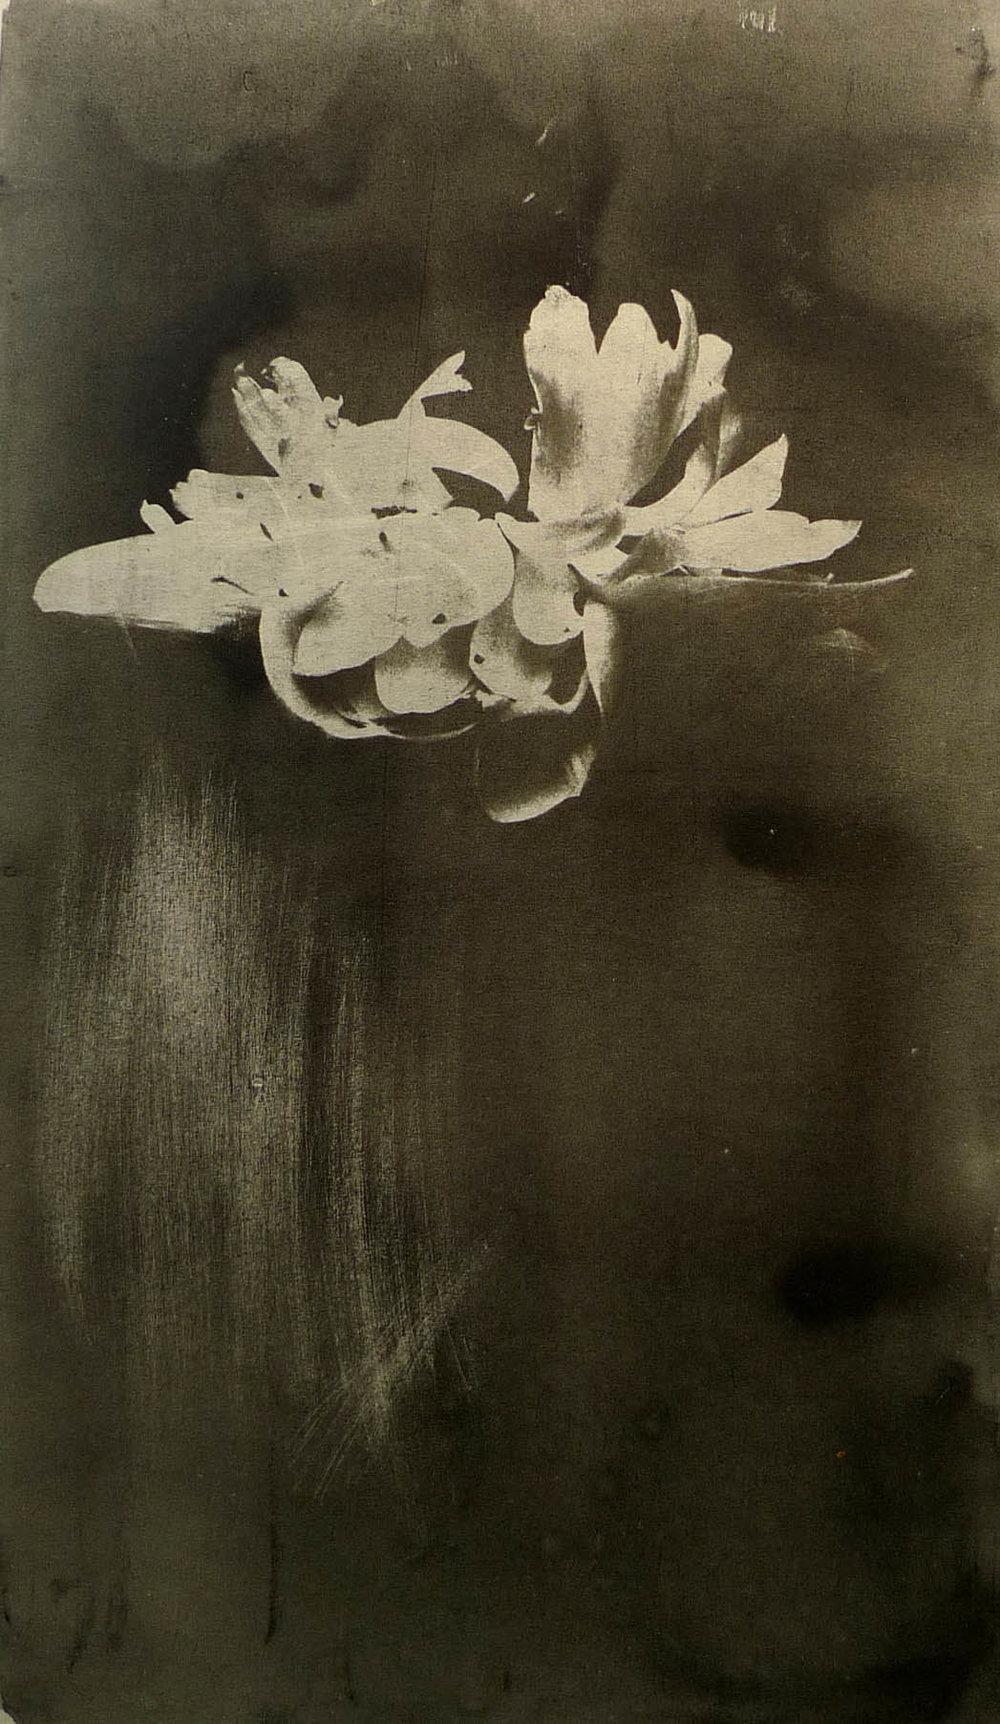 蓝晒 植物系列2 19x27cm(小图)副本.jpg